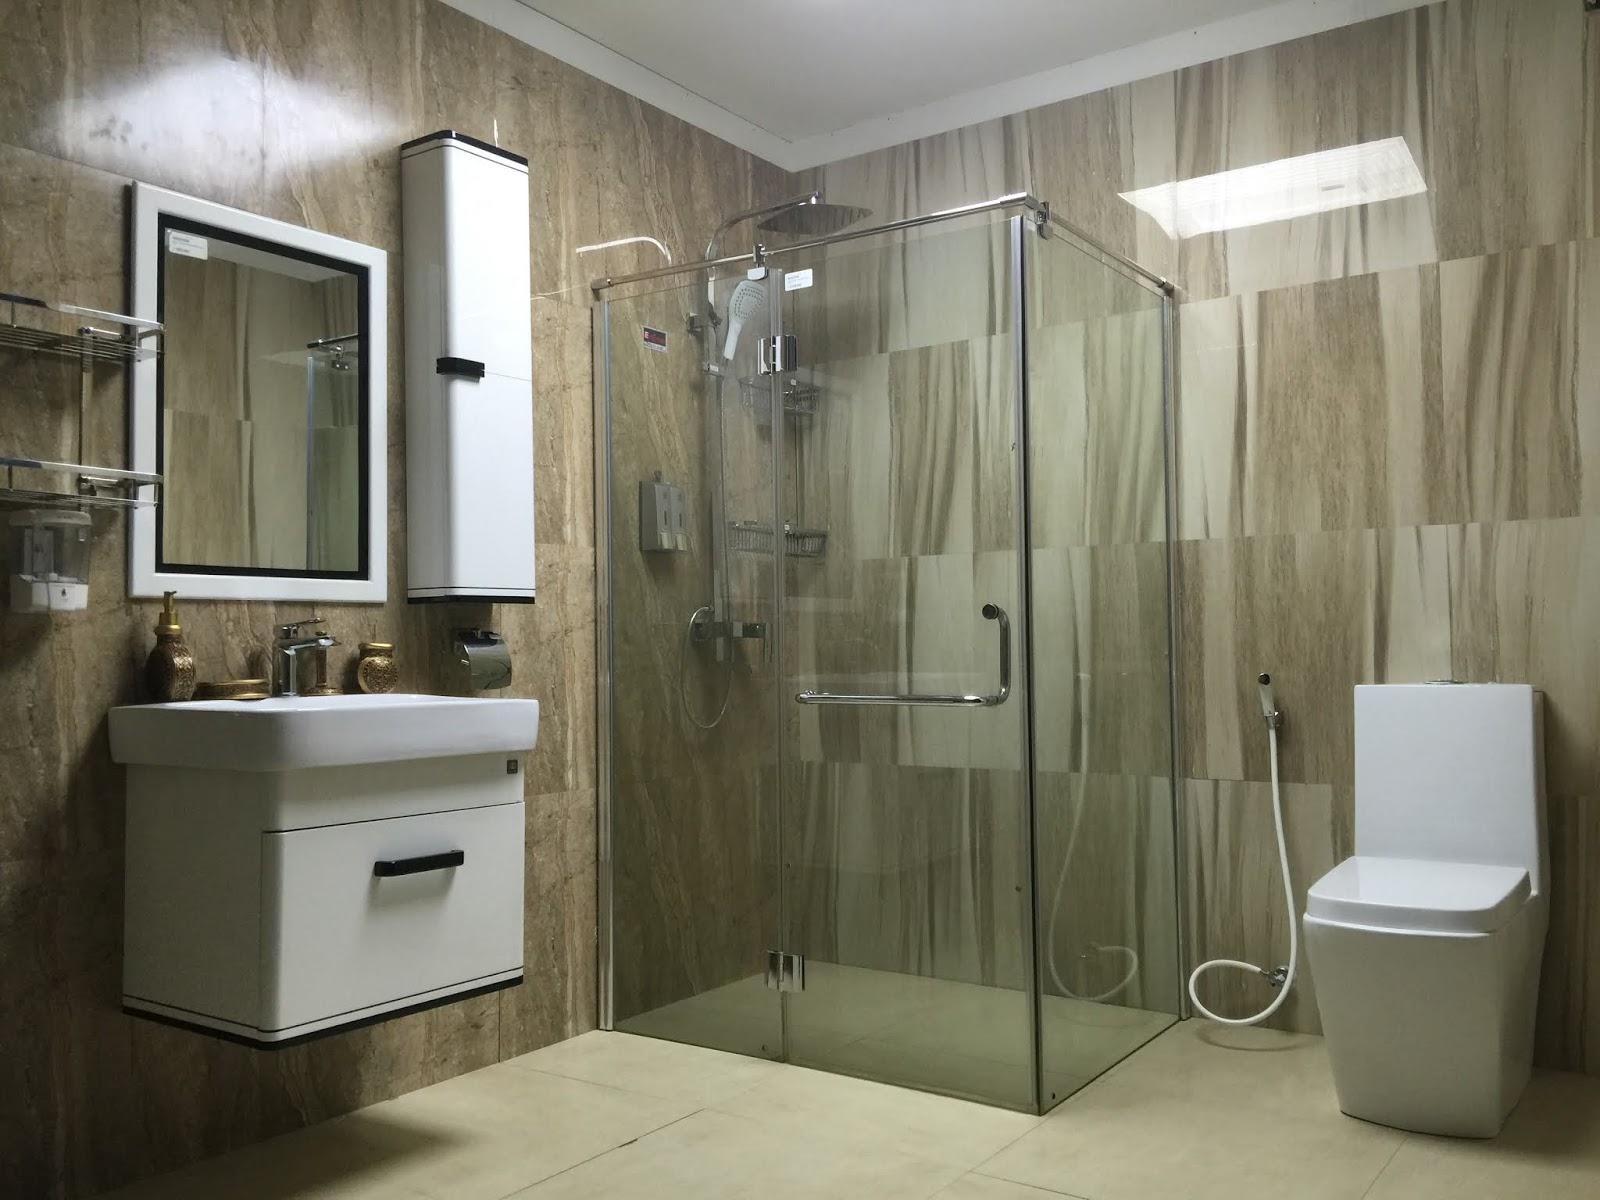 Jual & Pasang Shower Box #1 Bekasi – ToiletPhenolic.co.id